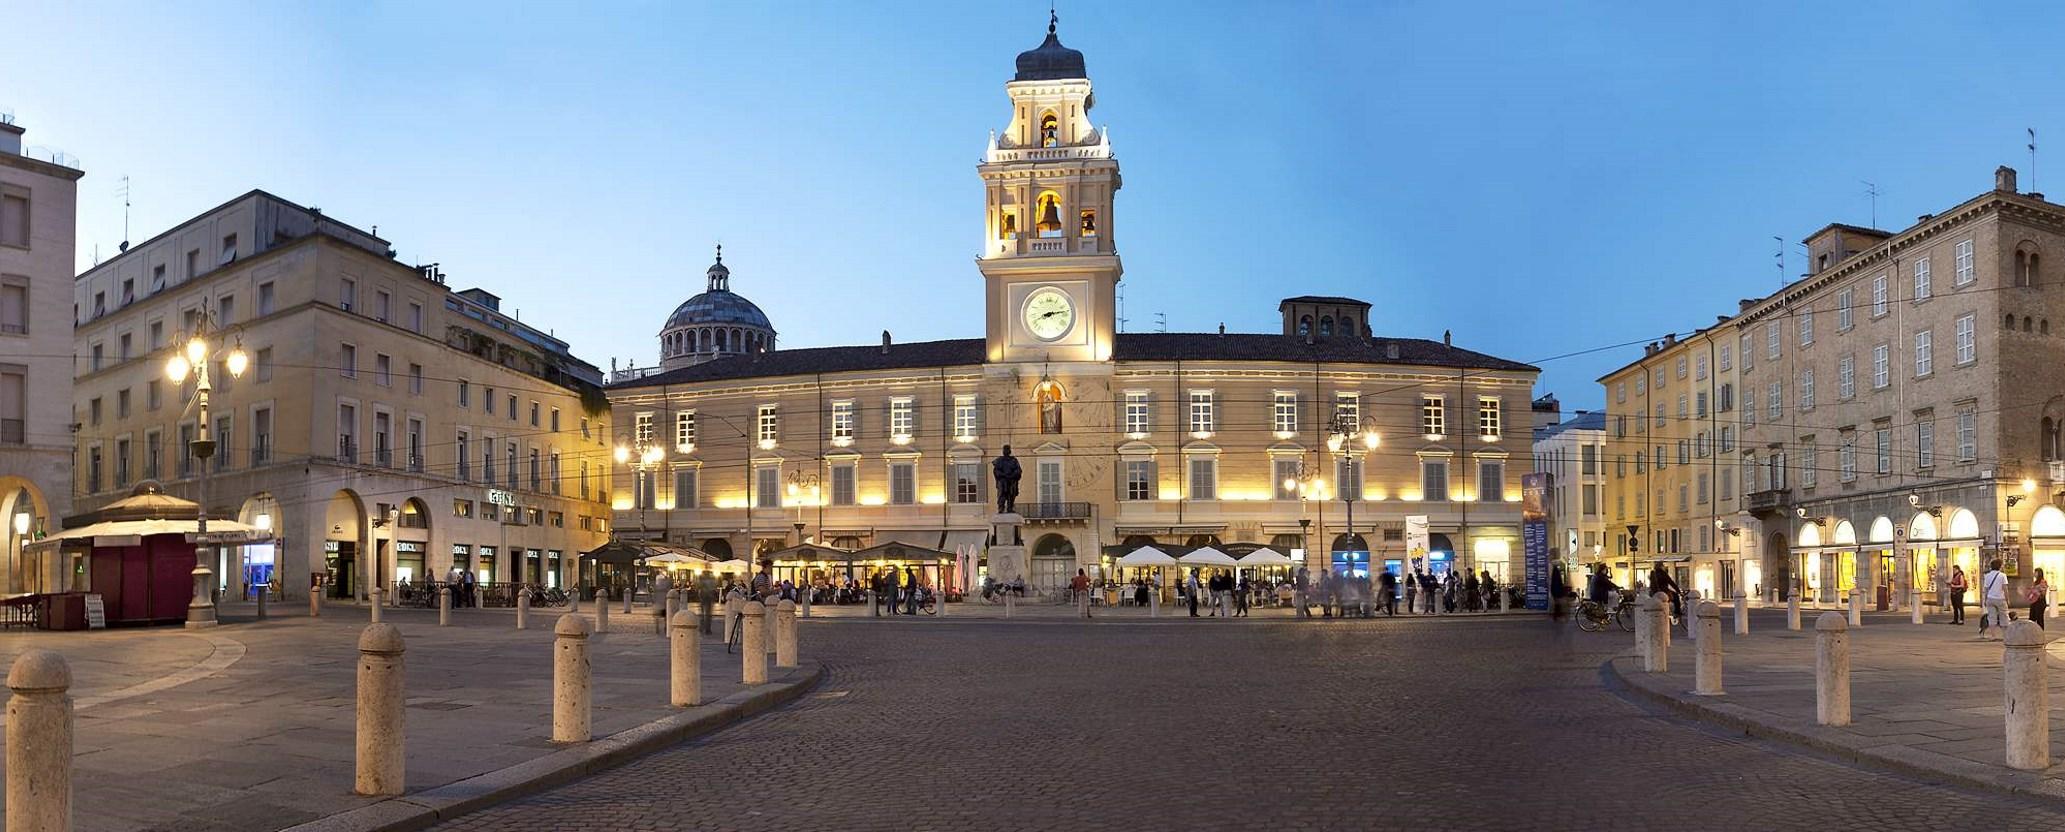 Ristorante Parma Centro Storico